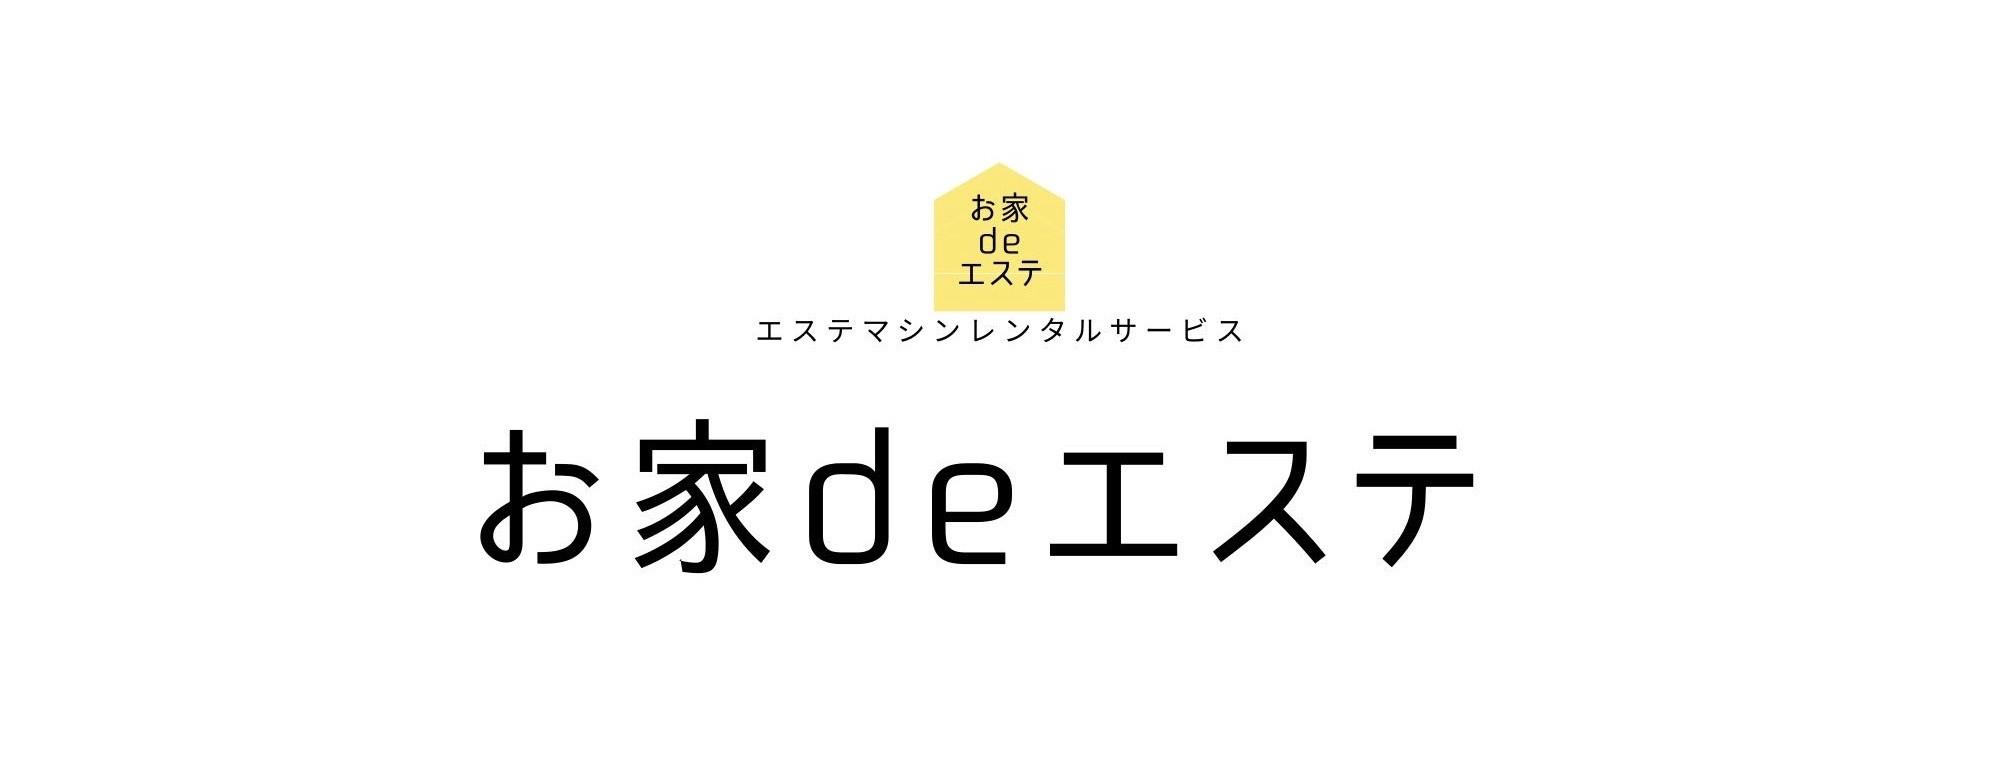 お家deエステ【業務用エステマシン*レンタルサービス】